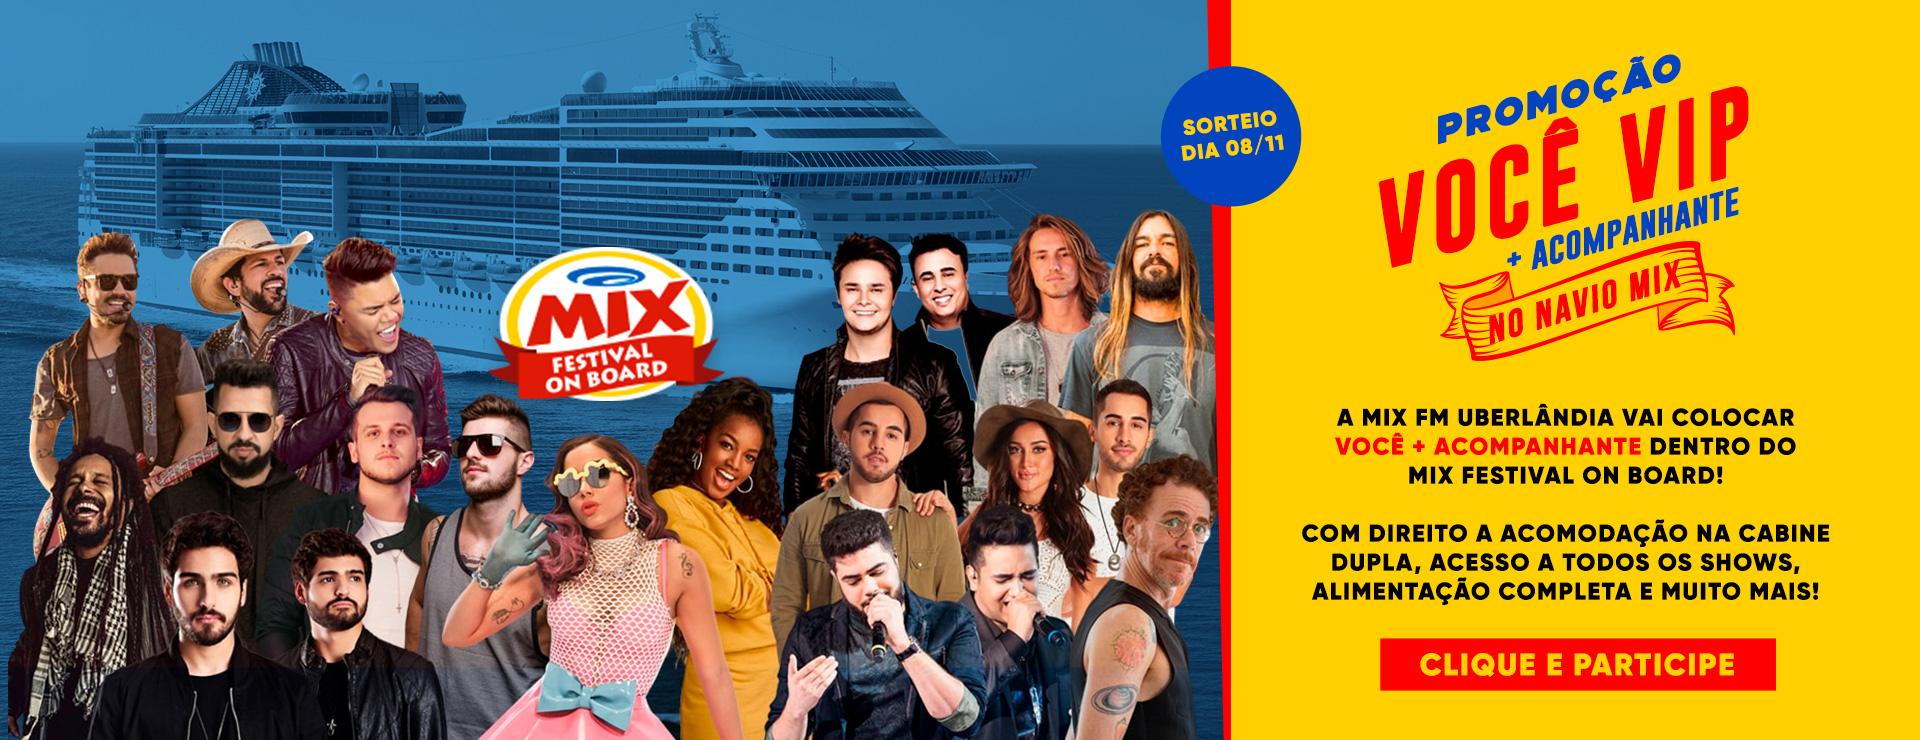 Promoção você VIP com acompanhante no NAVIO DA MIX!